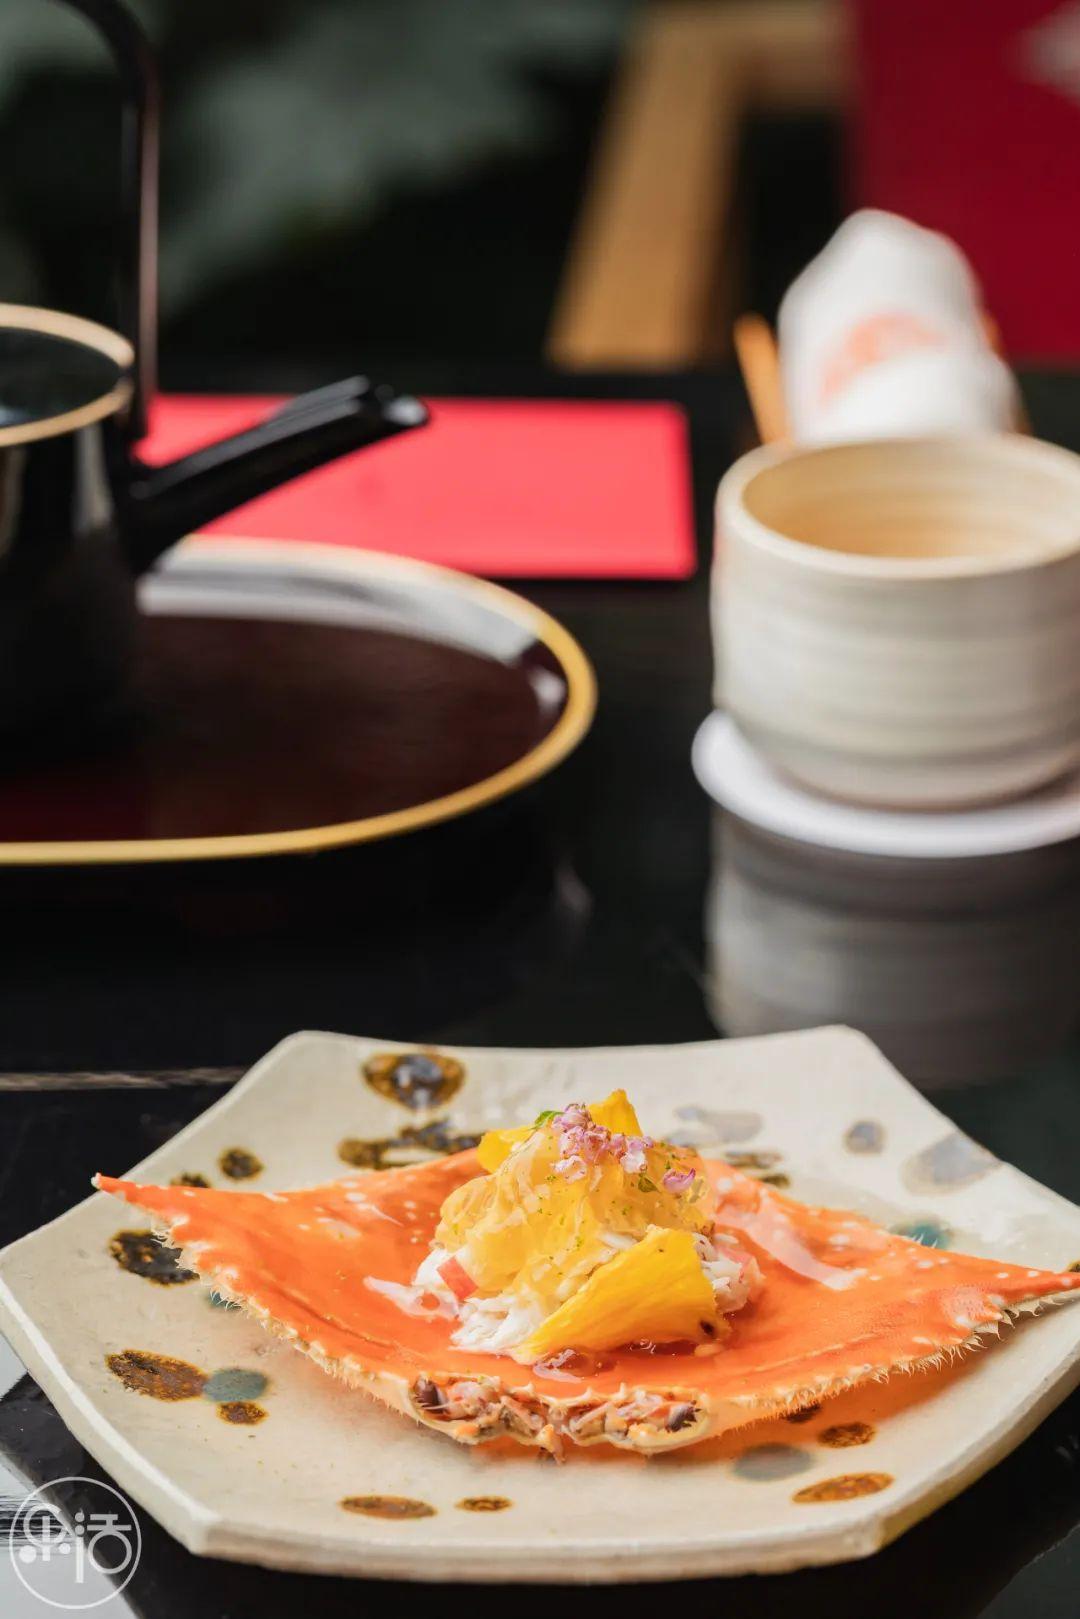 全杭州Zui大的会席料理店来袭!人均600元就能体验到的Top级日料,来自日本饮食文化的上等名流之选!(图26)